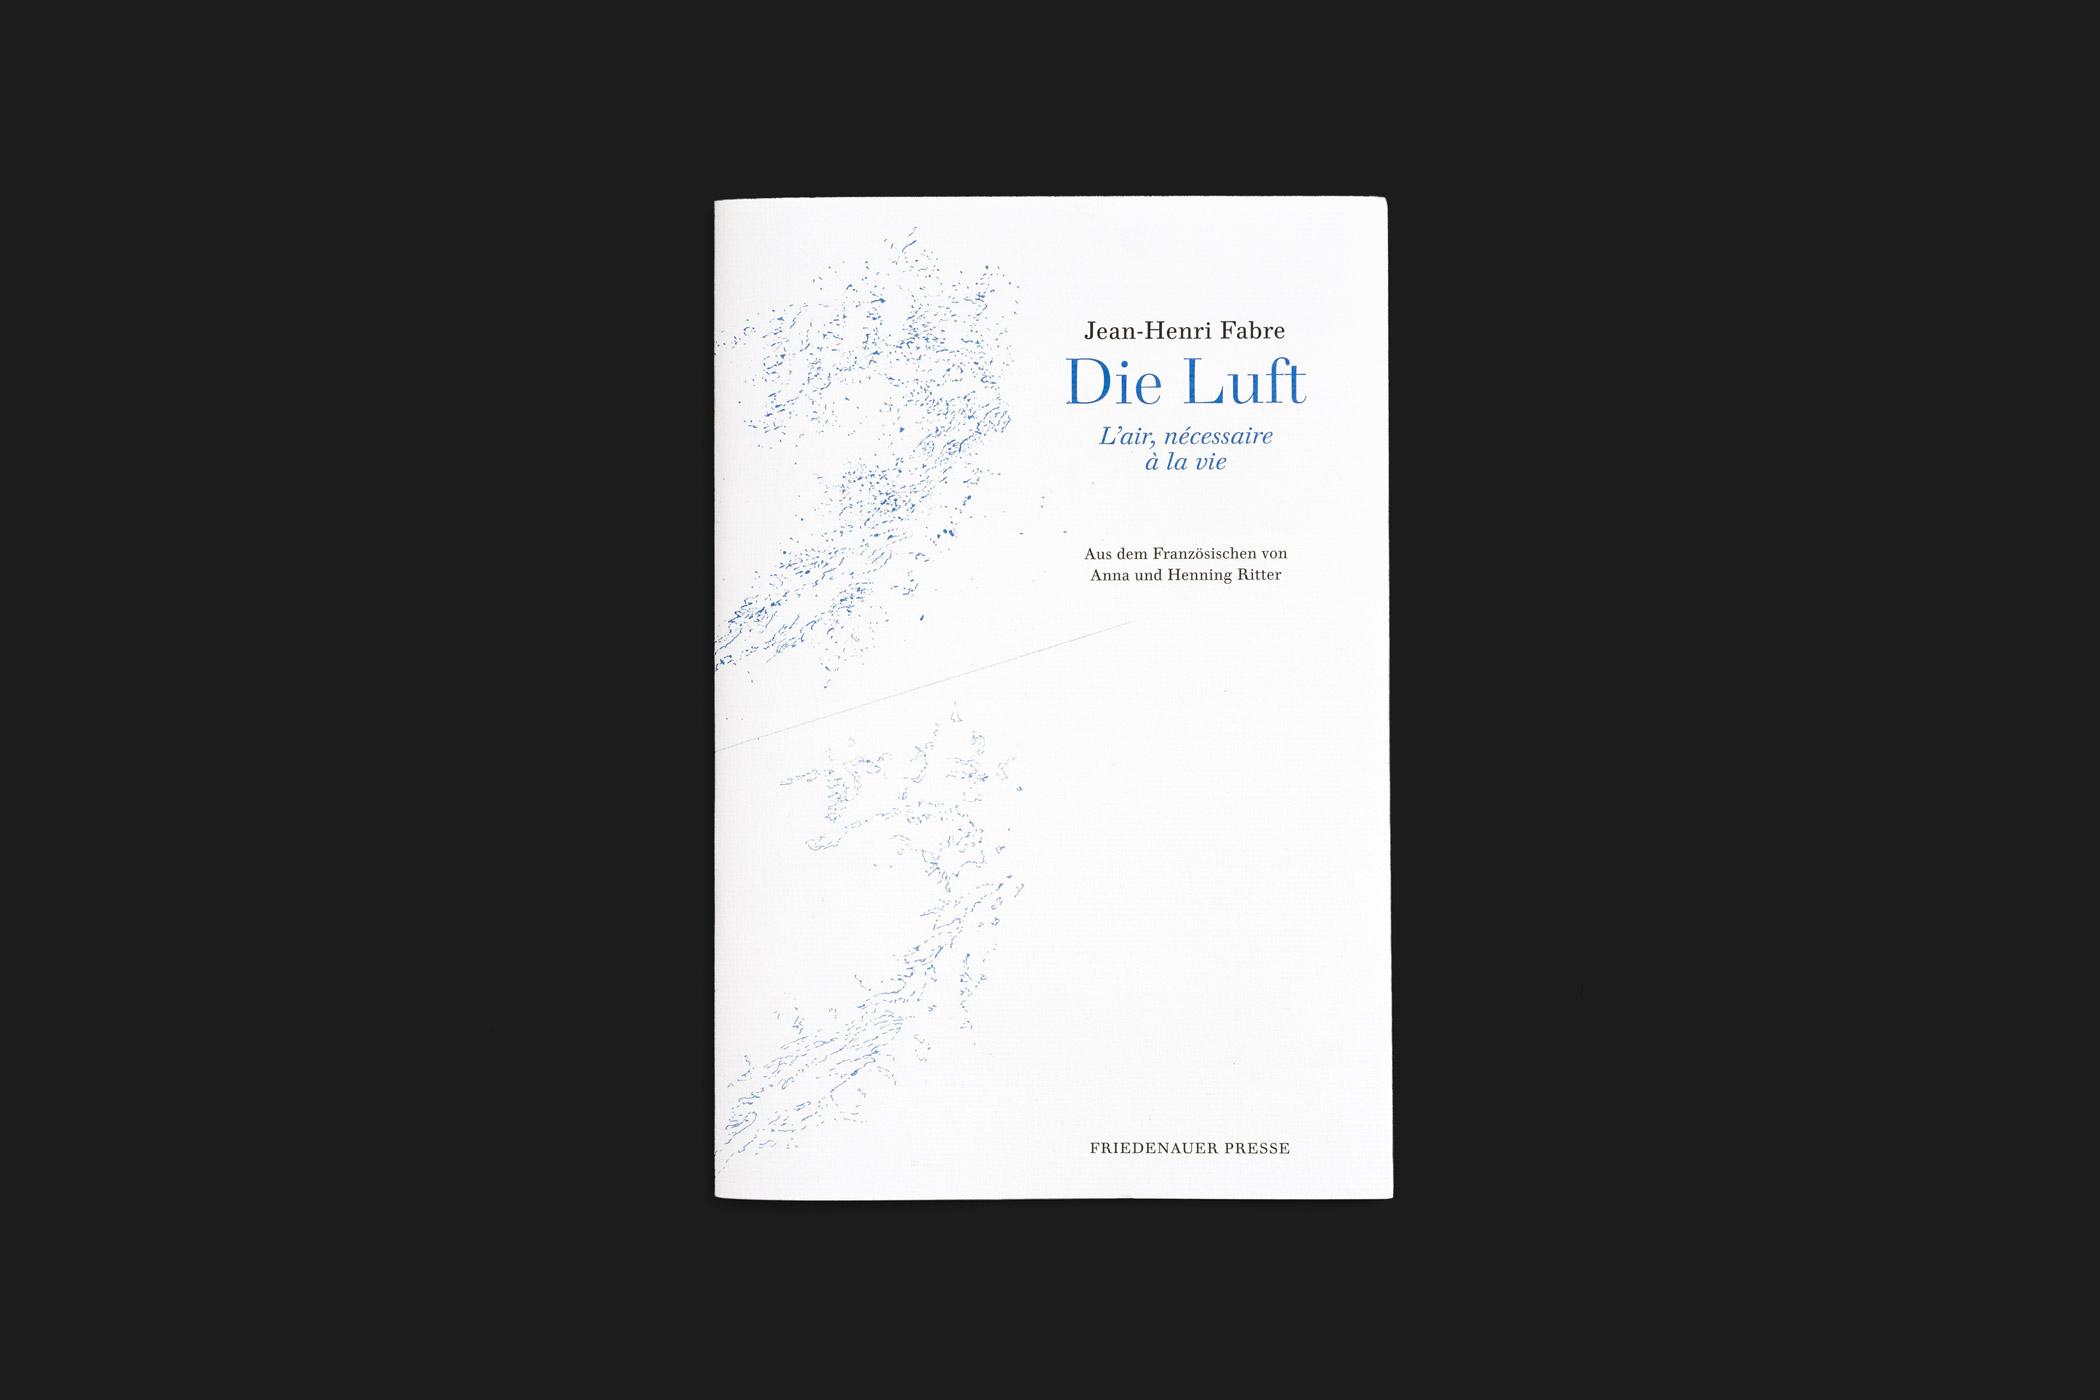 """Das Buch """"Die Luft"""" von Jean-Henri Fabre erschienen in der Friedenauer Presse mit einer blauen Illustration von Christian Thanhäuser am Umschlag"""